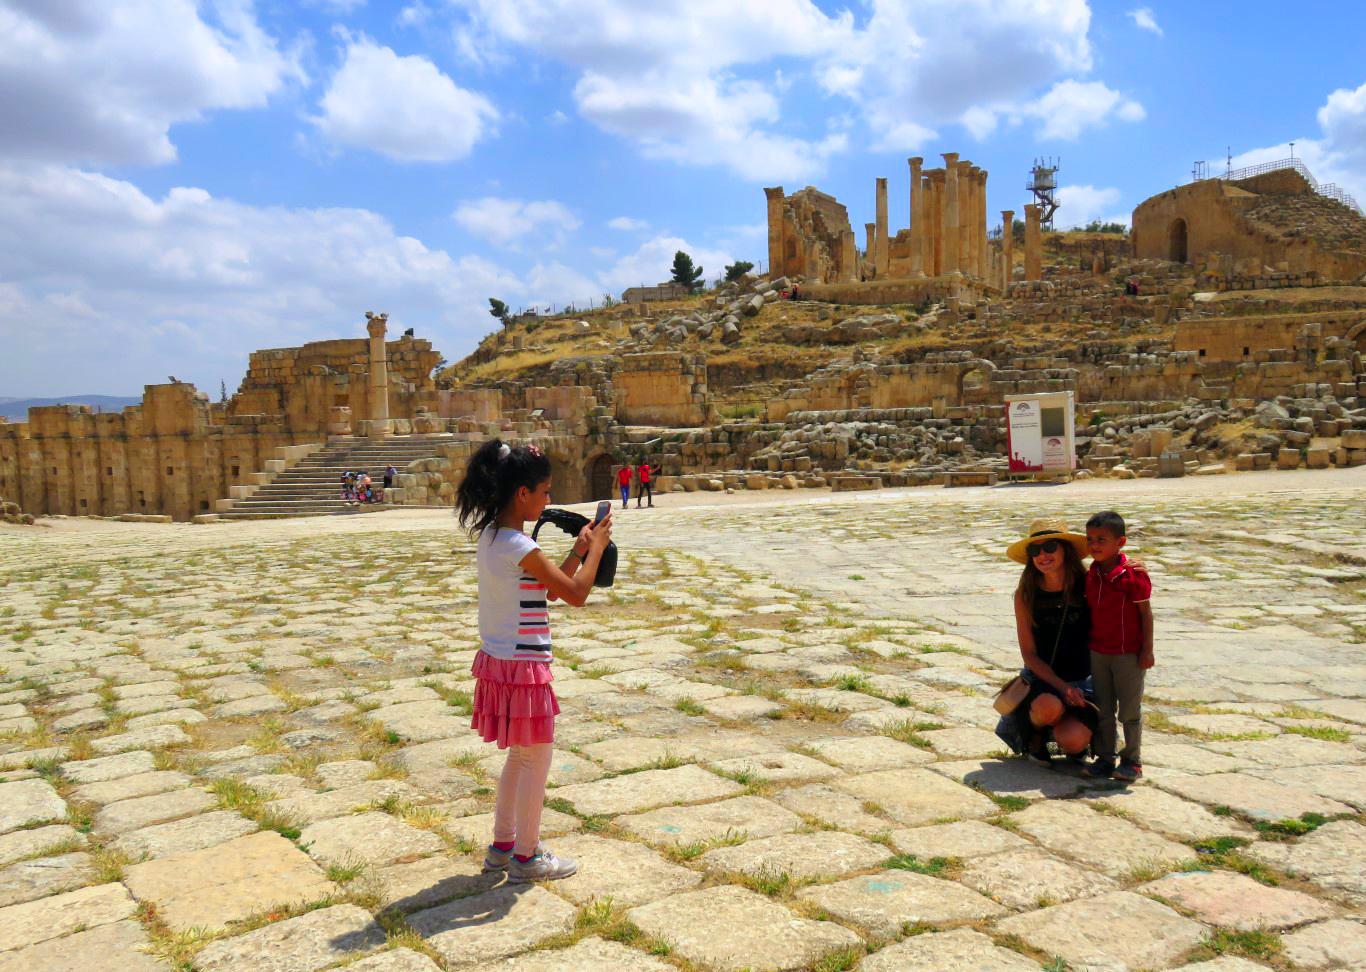 Jerash, la Roma de Jordania/ Jordan - Jerash / Gerasa jerash, la roma de jordania - 30469274942 2afd90c9af o - Jerash, la Roma de Jordania